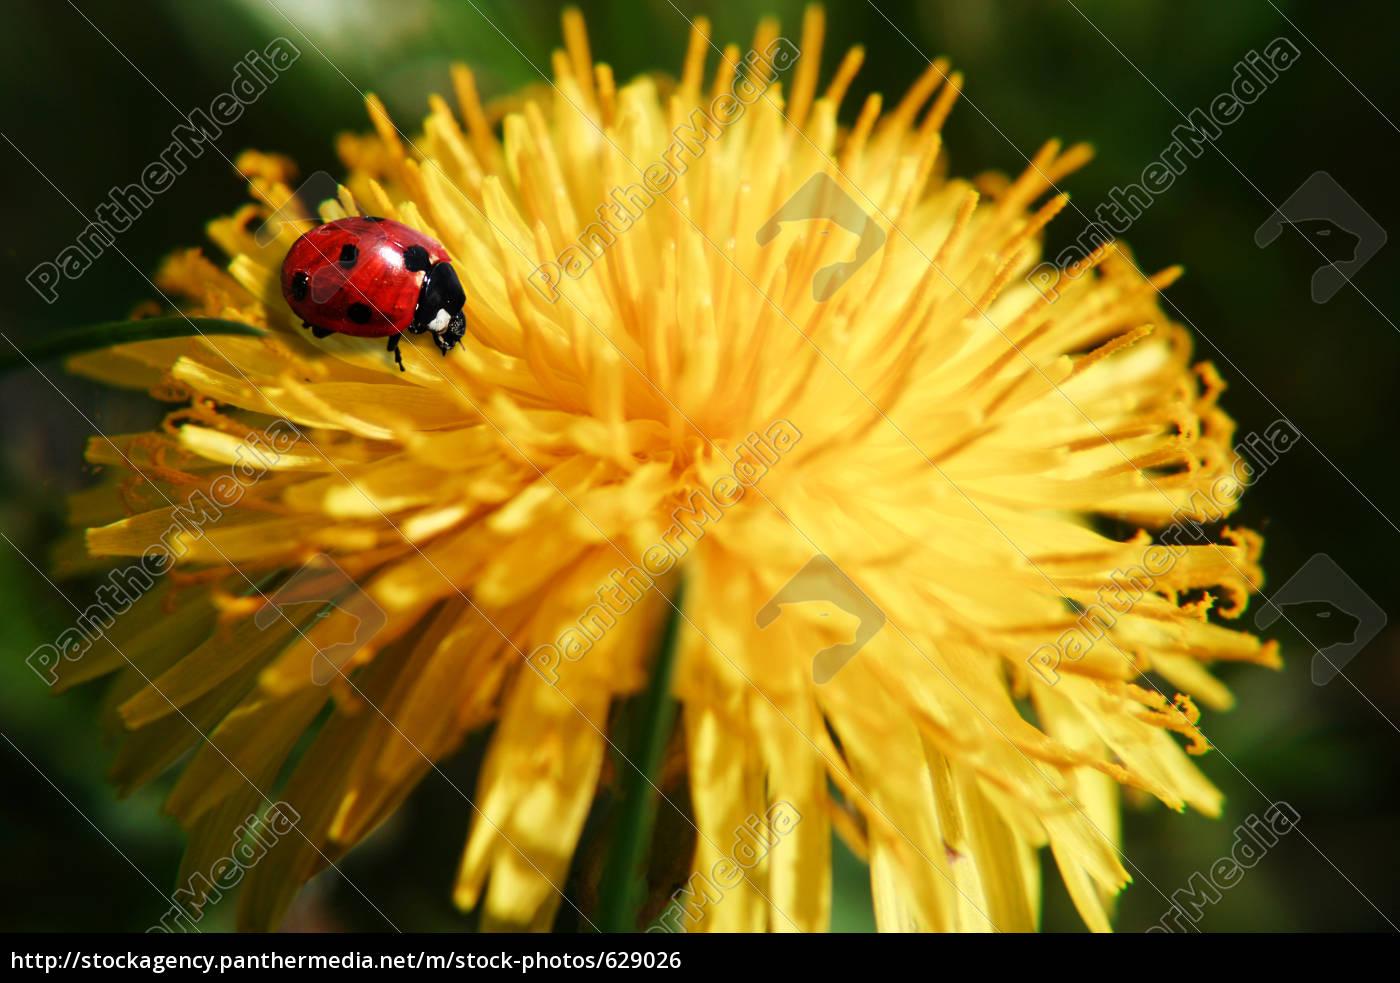 ladybug, on, dandelion - 629026